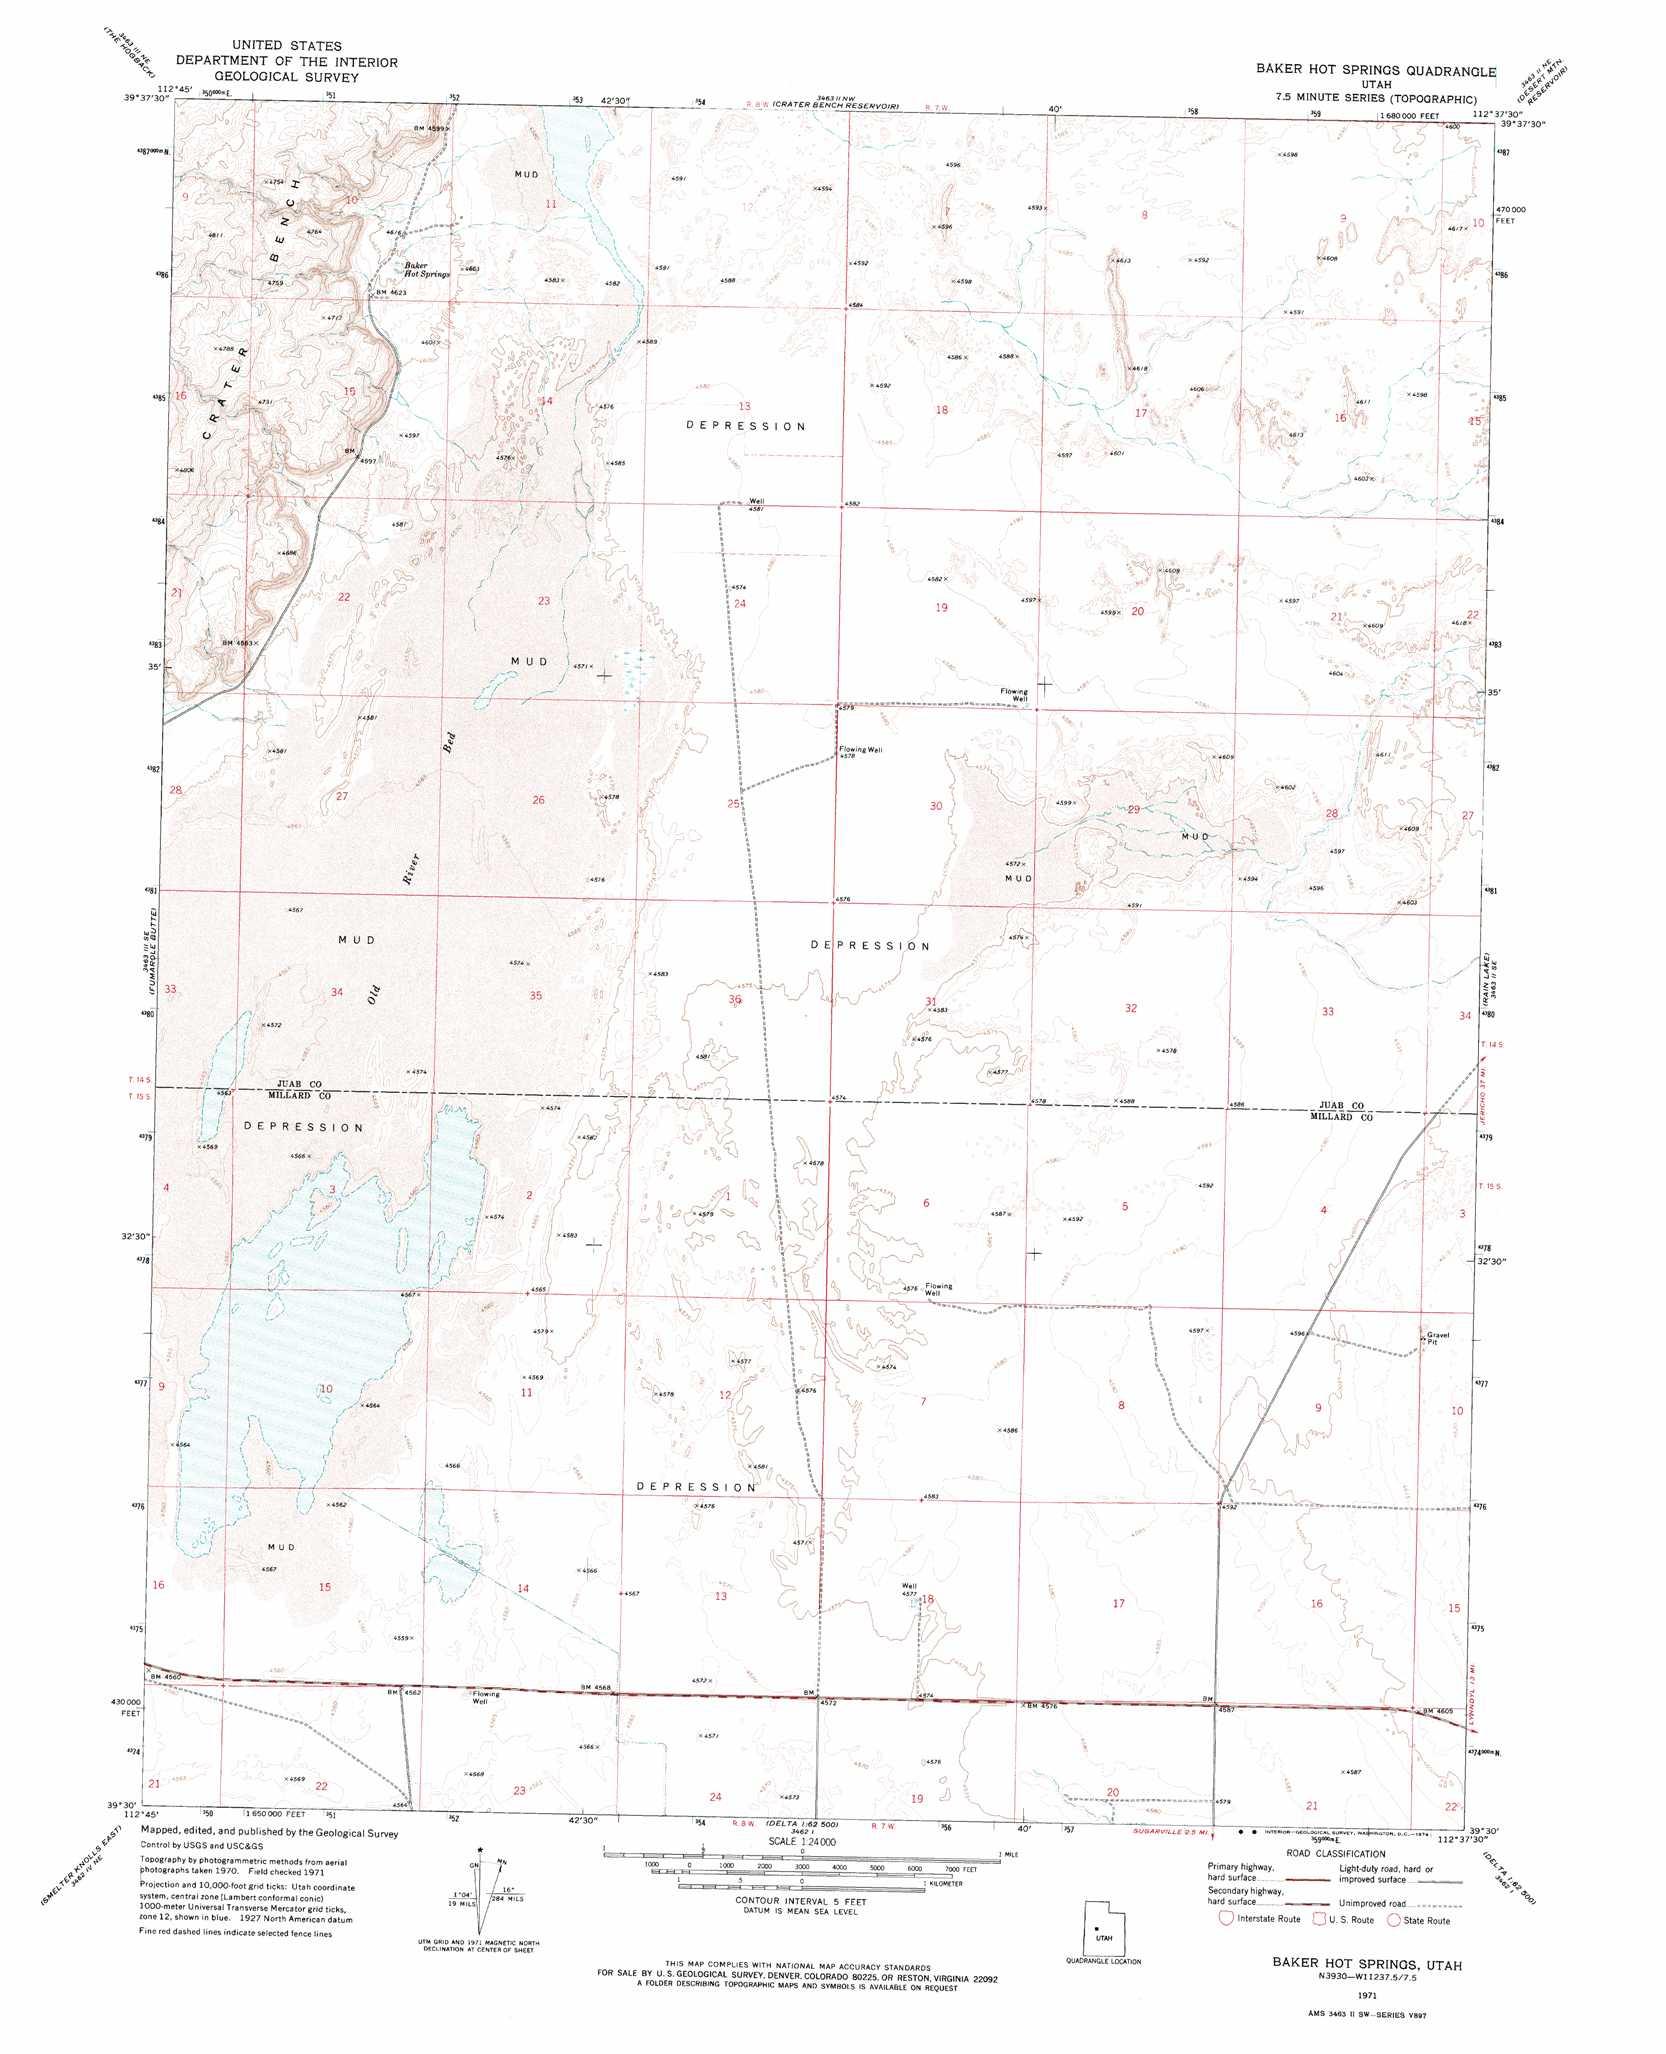 Baker Hot Springs topographic map, UT - USGS Topo Quad 39112e6